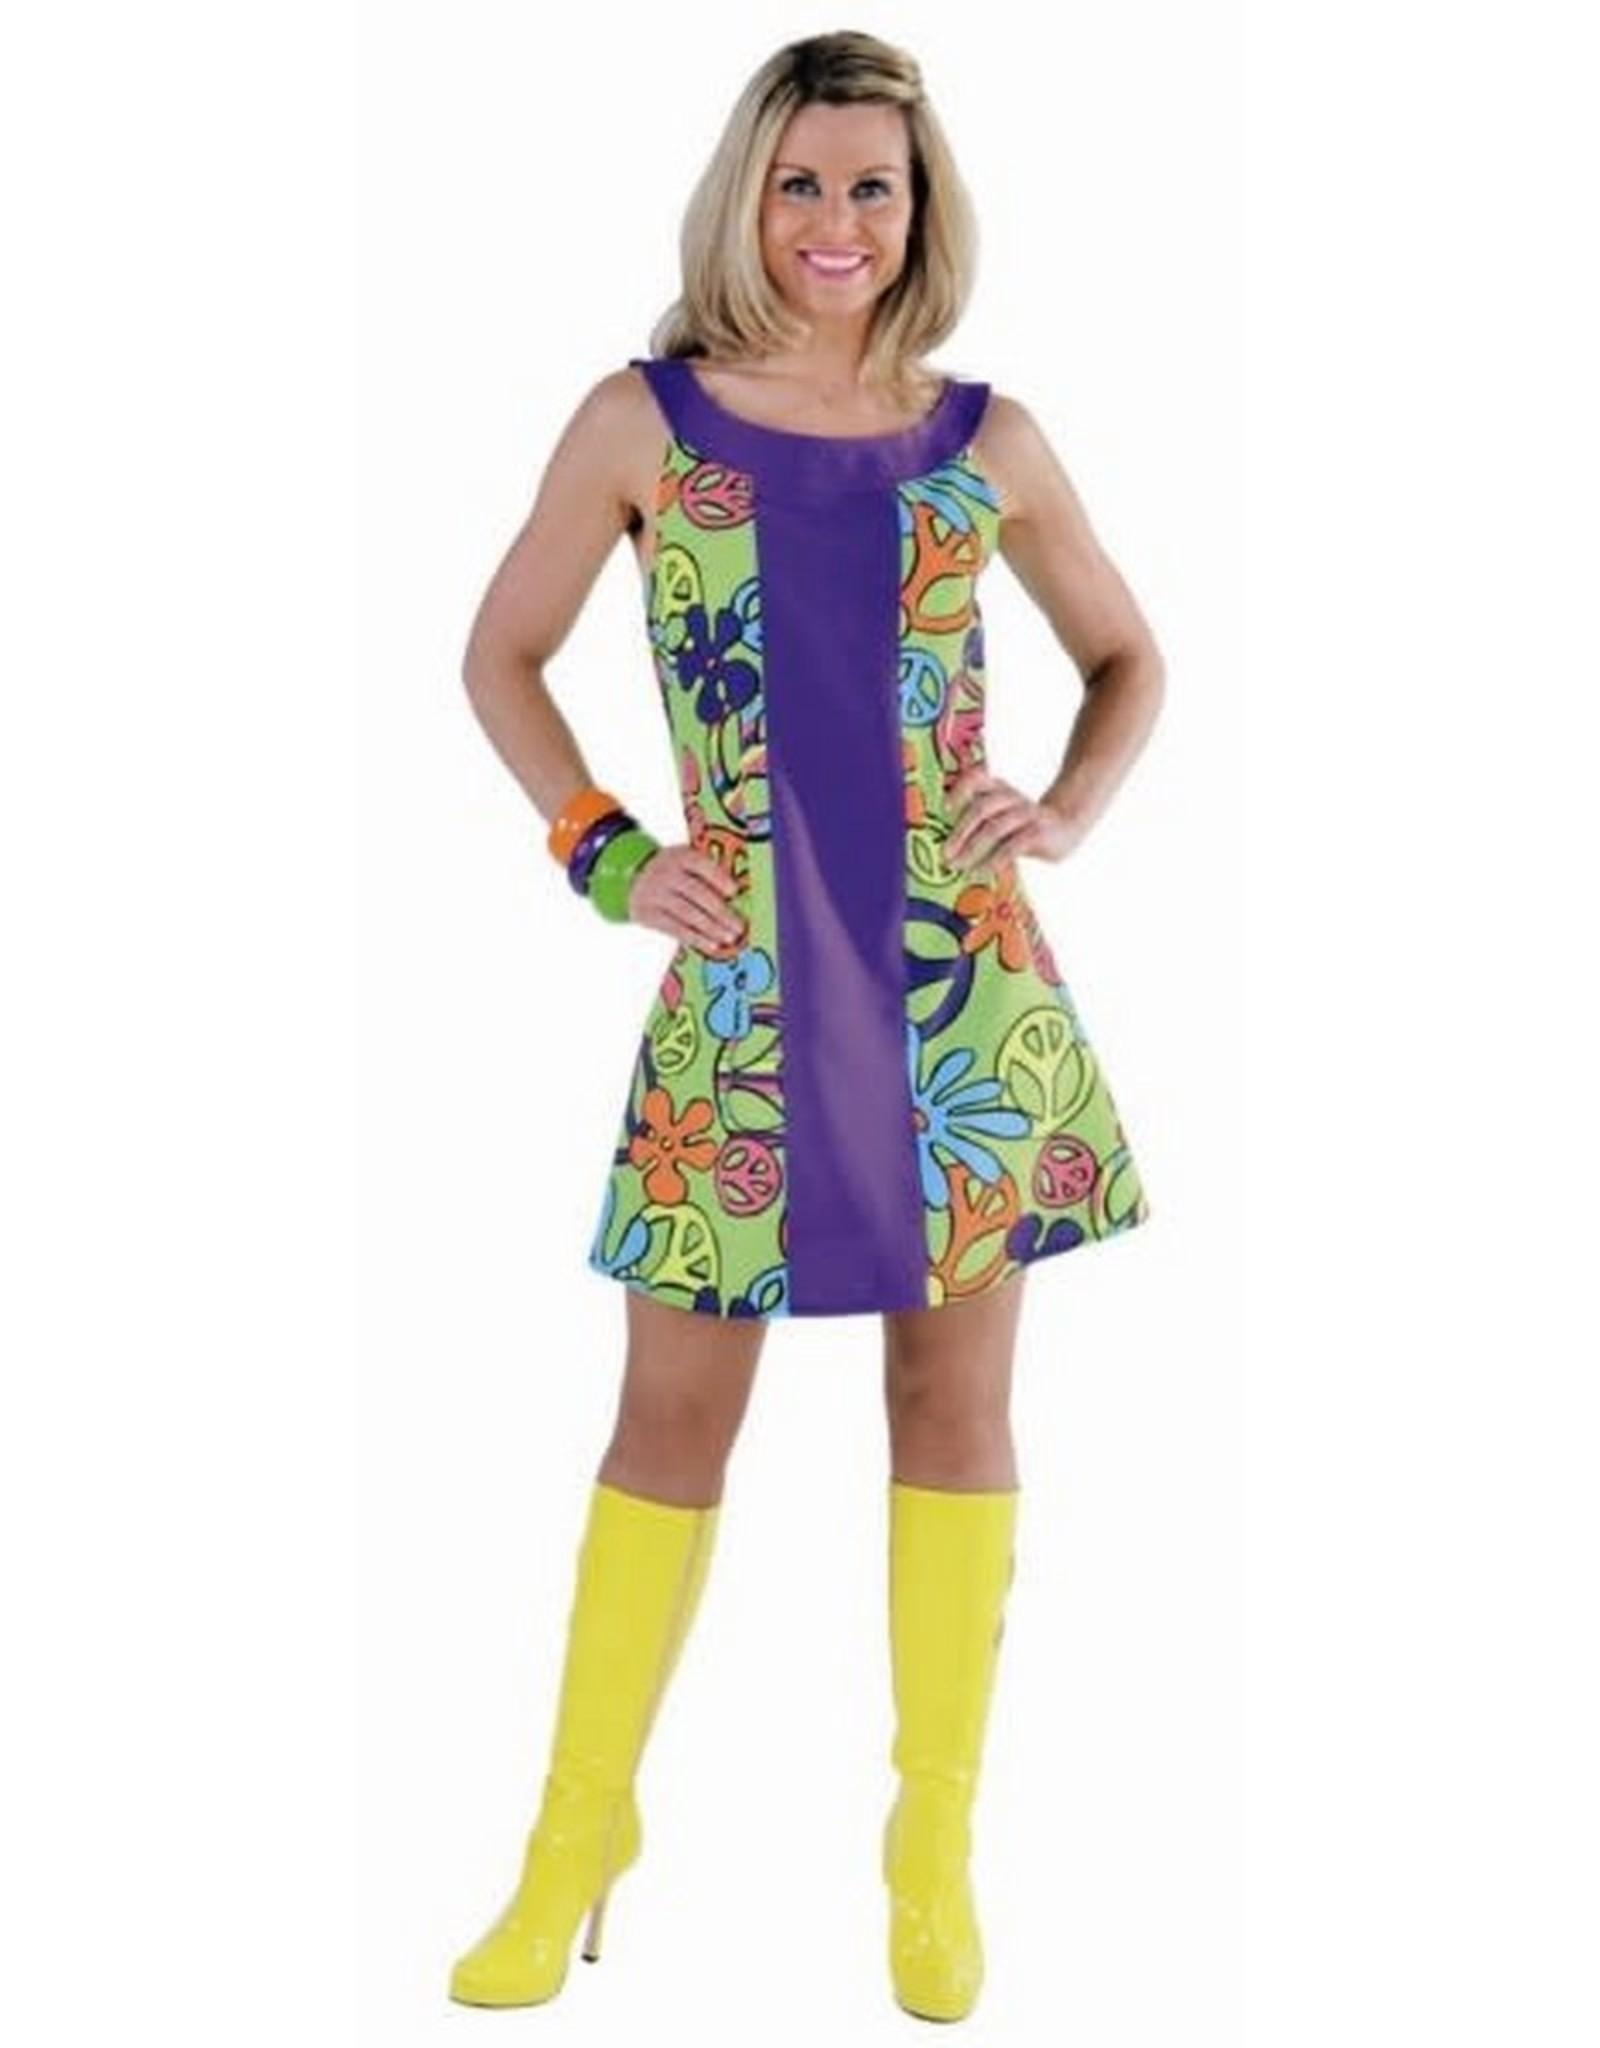 MAGIC Peace jurk huurprijs € 15